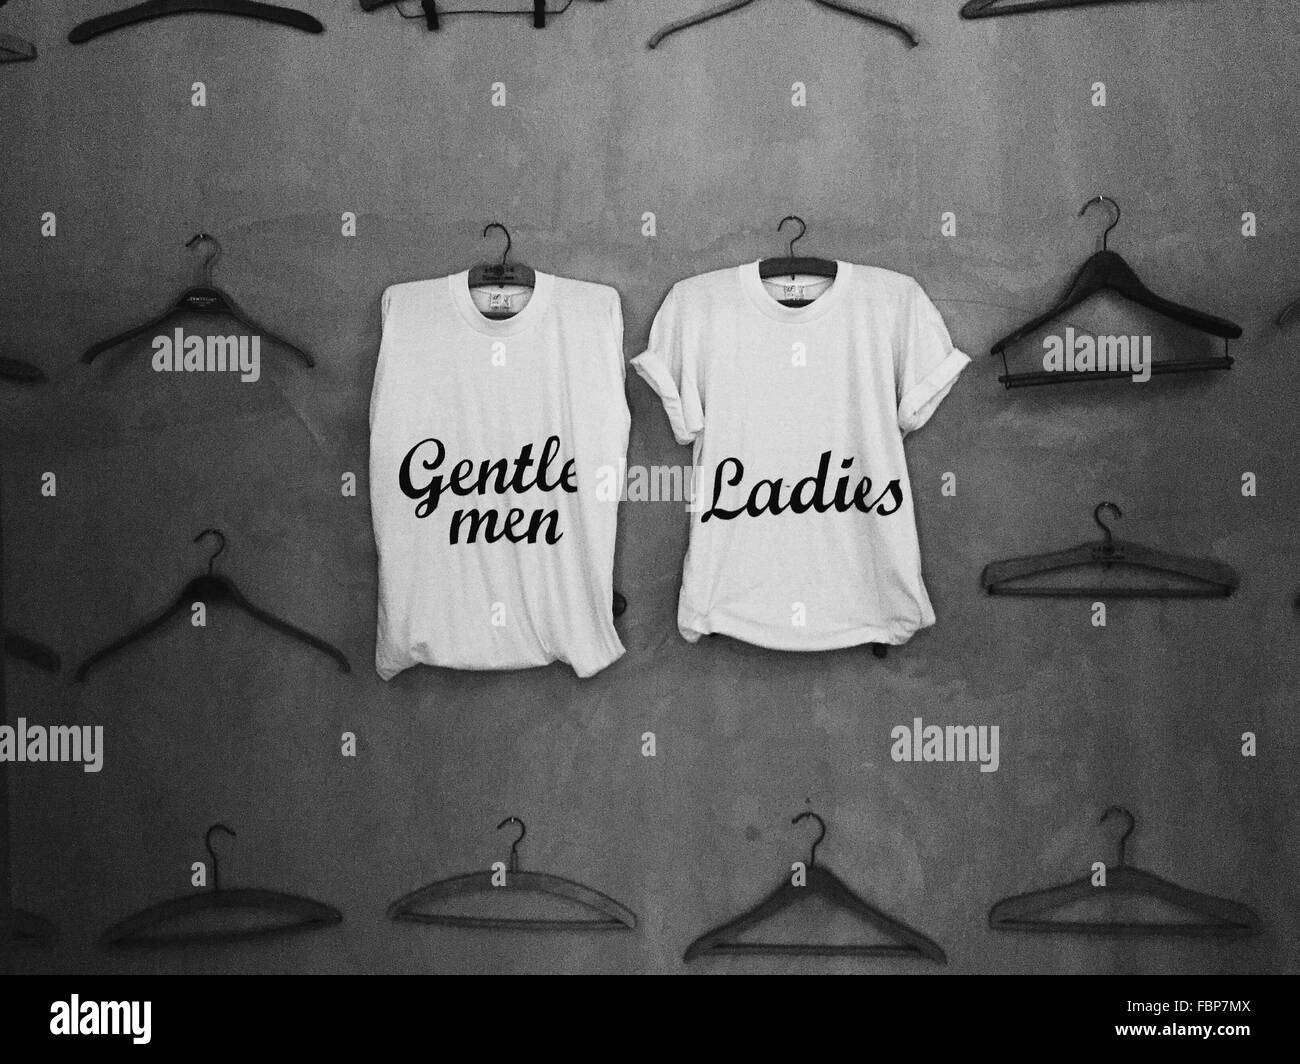 """Camiseta sin mangas cortas y camiseta con """"señores"""" y """"Señoras"""" Inscripción respectivamente Imagen De Stock"""